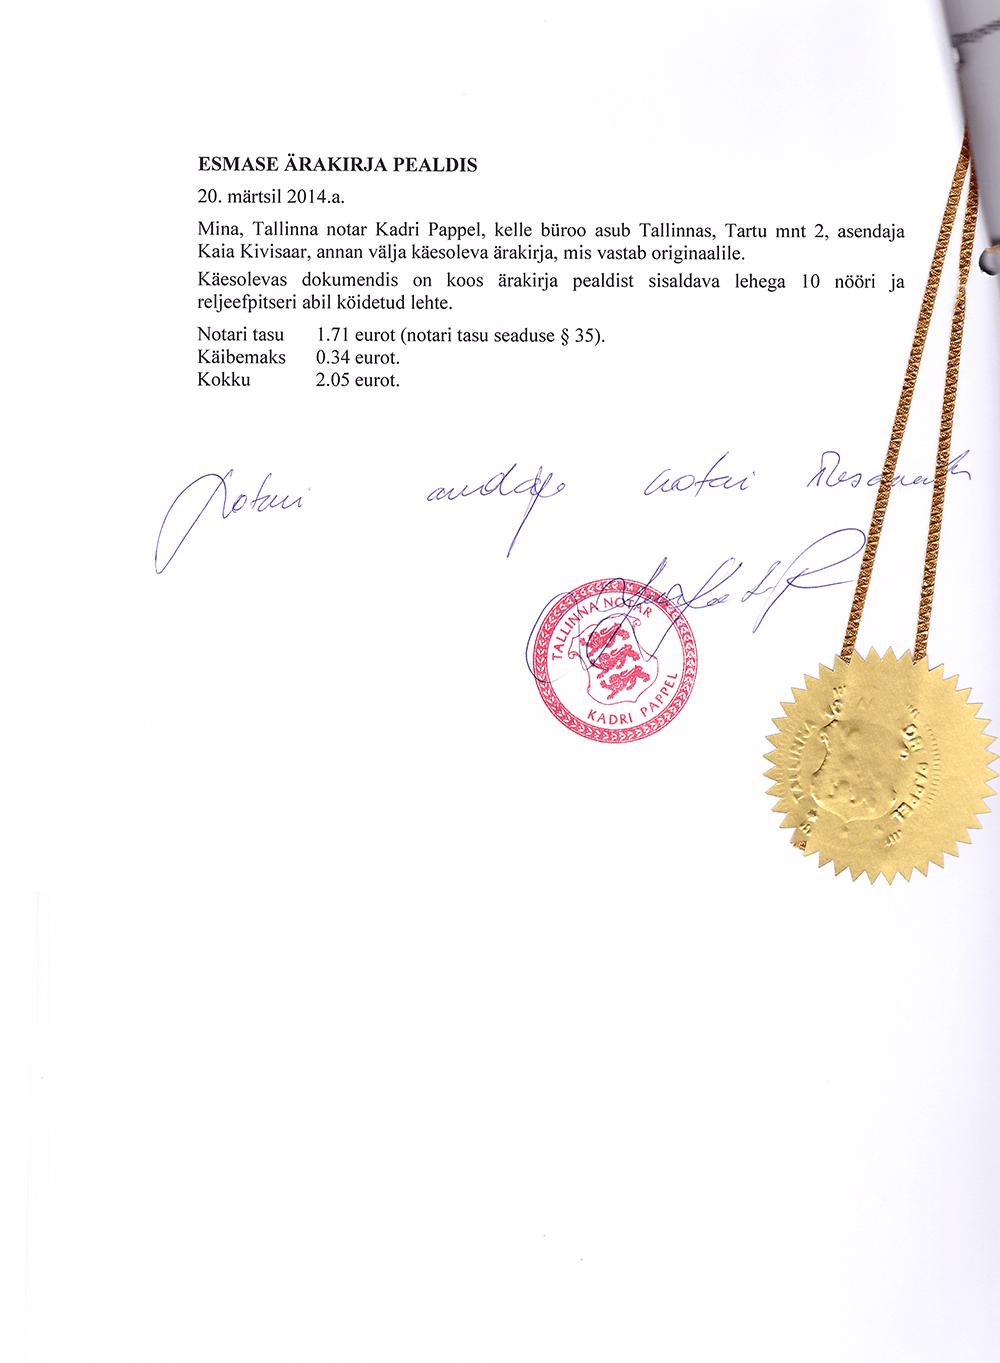 Последний лист договора с печатью и стоимостью изготовления бумажной копии